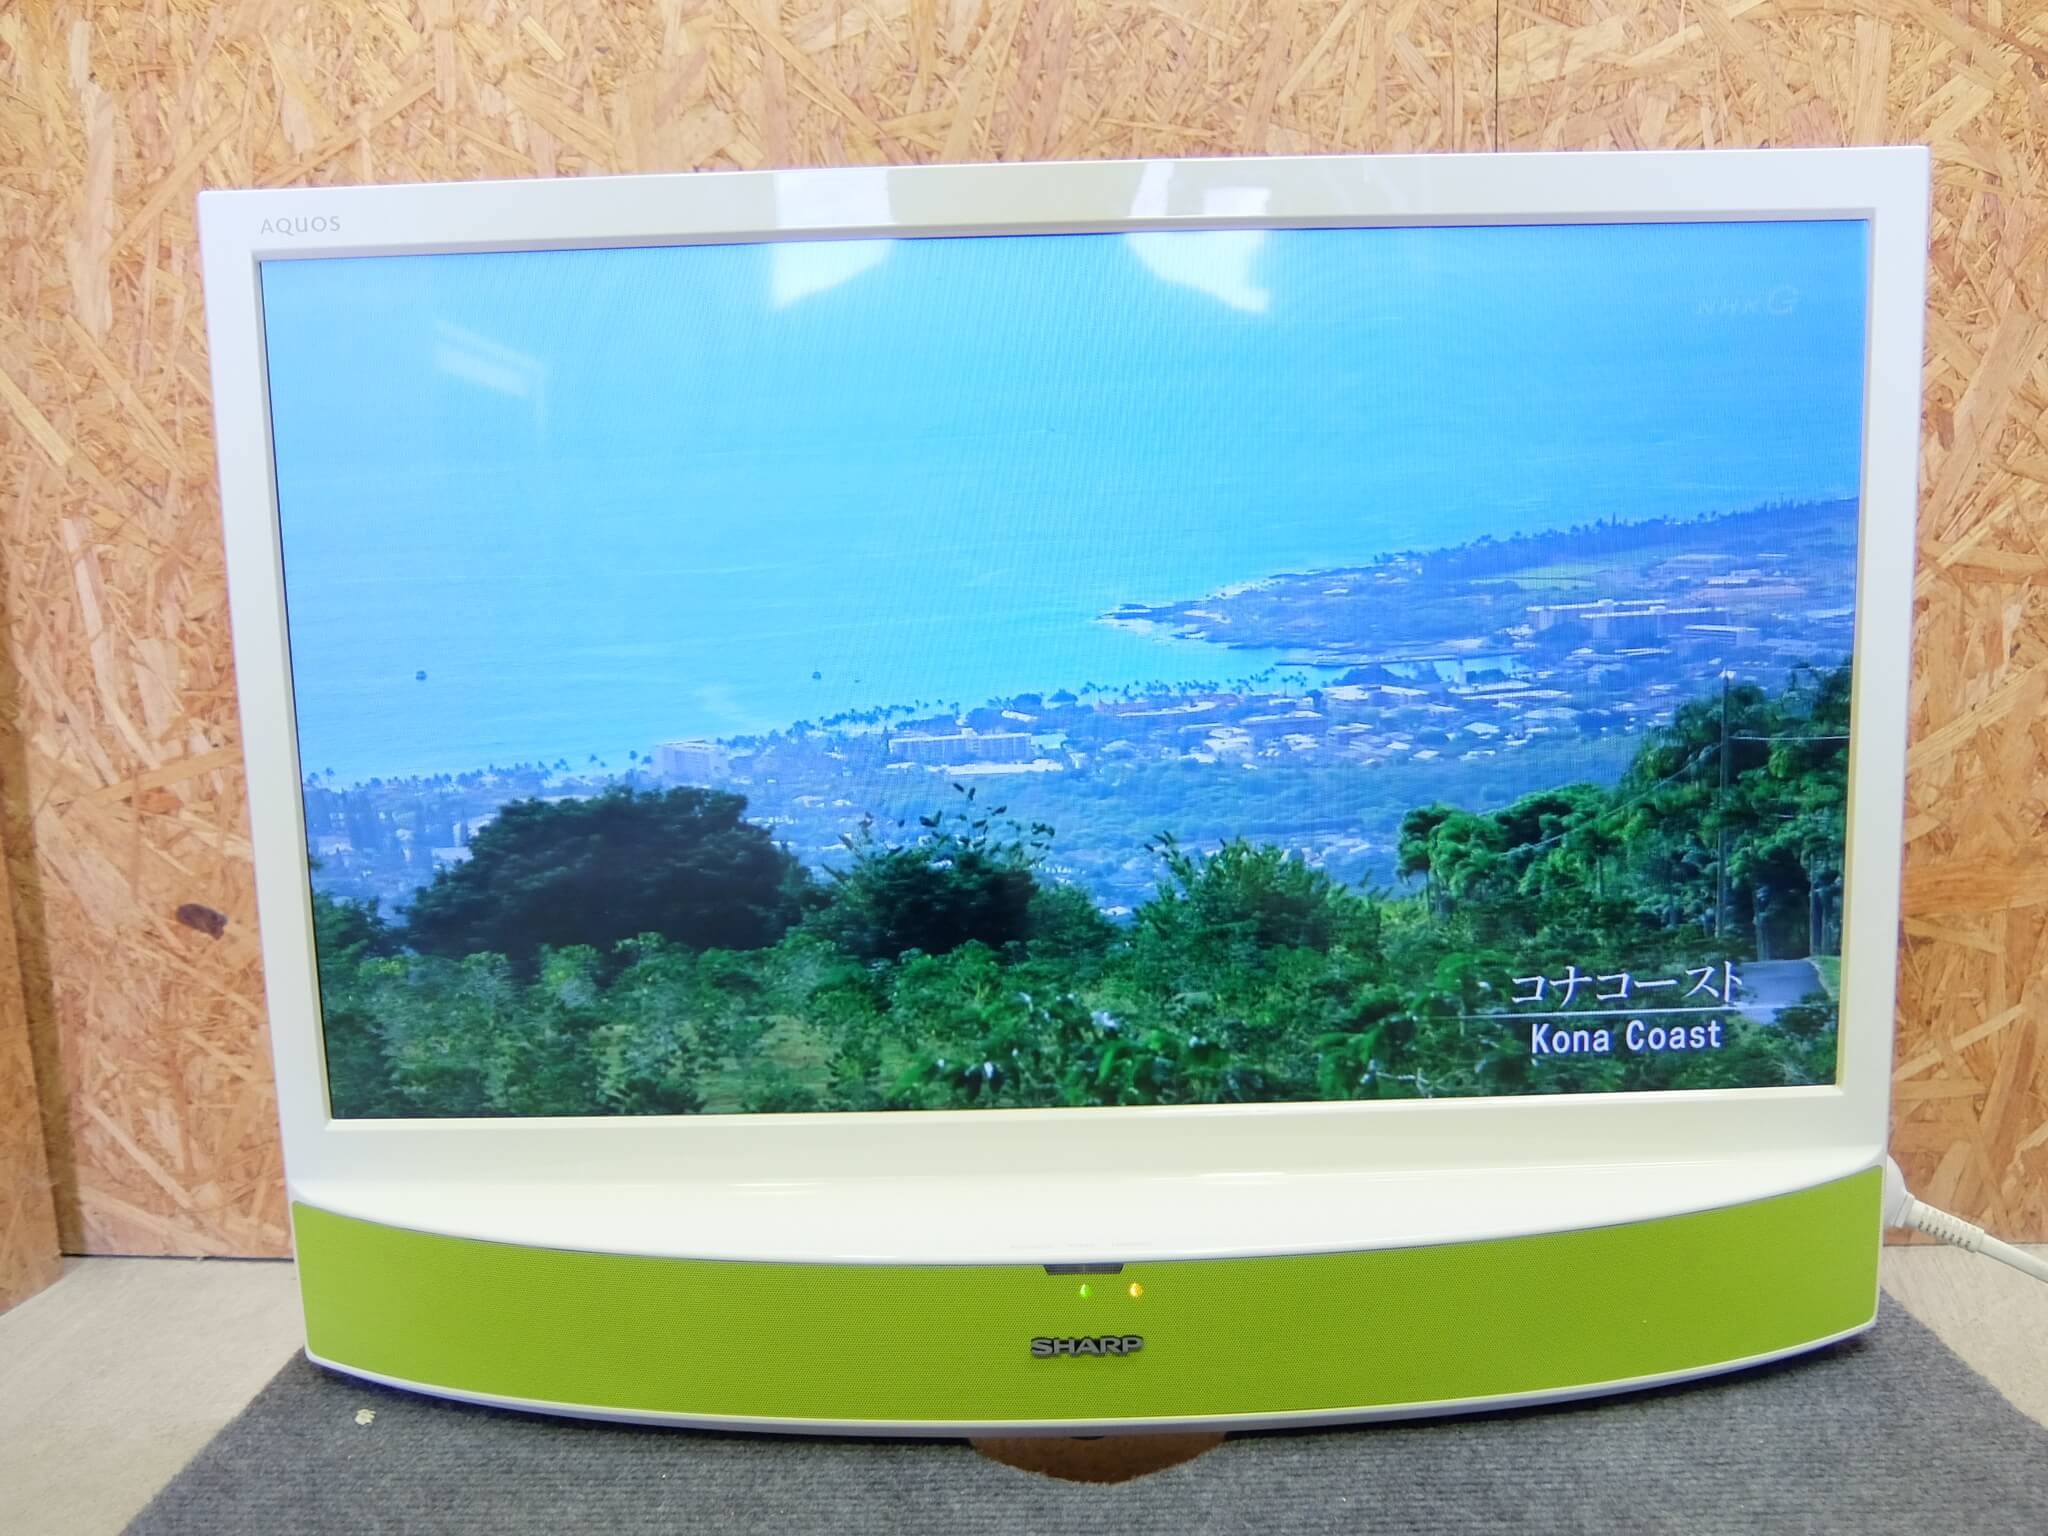 シャープ 液晶テレビ